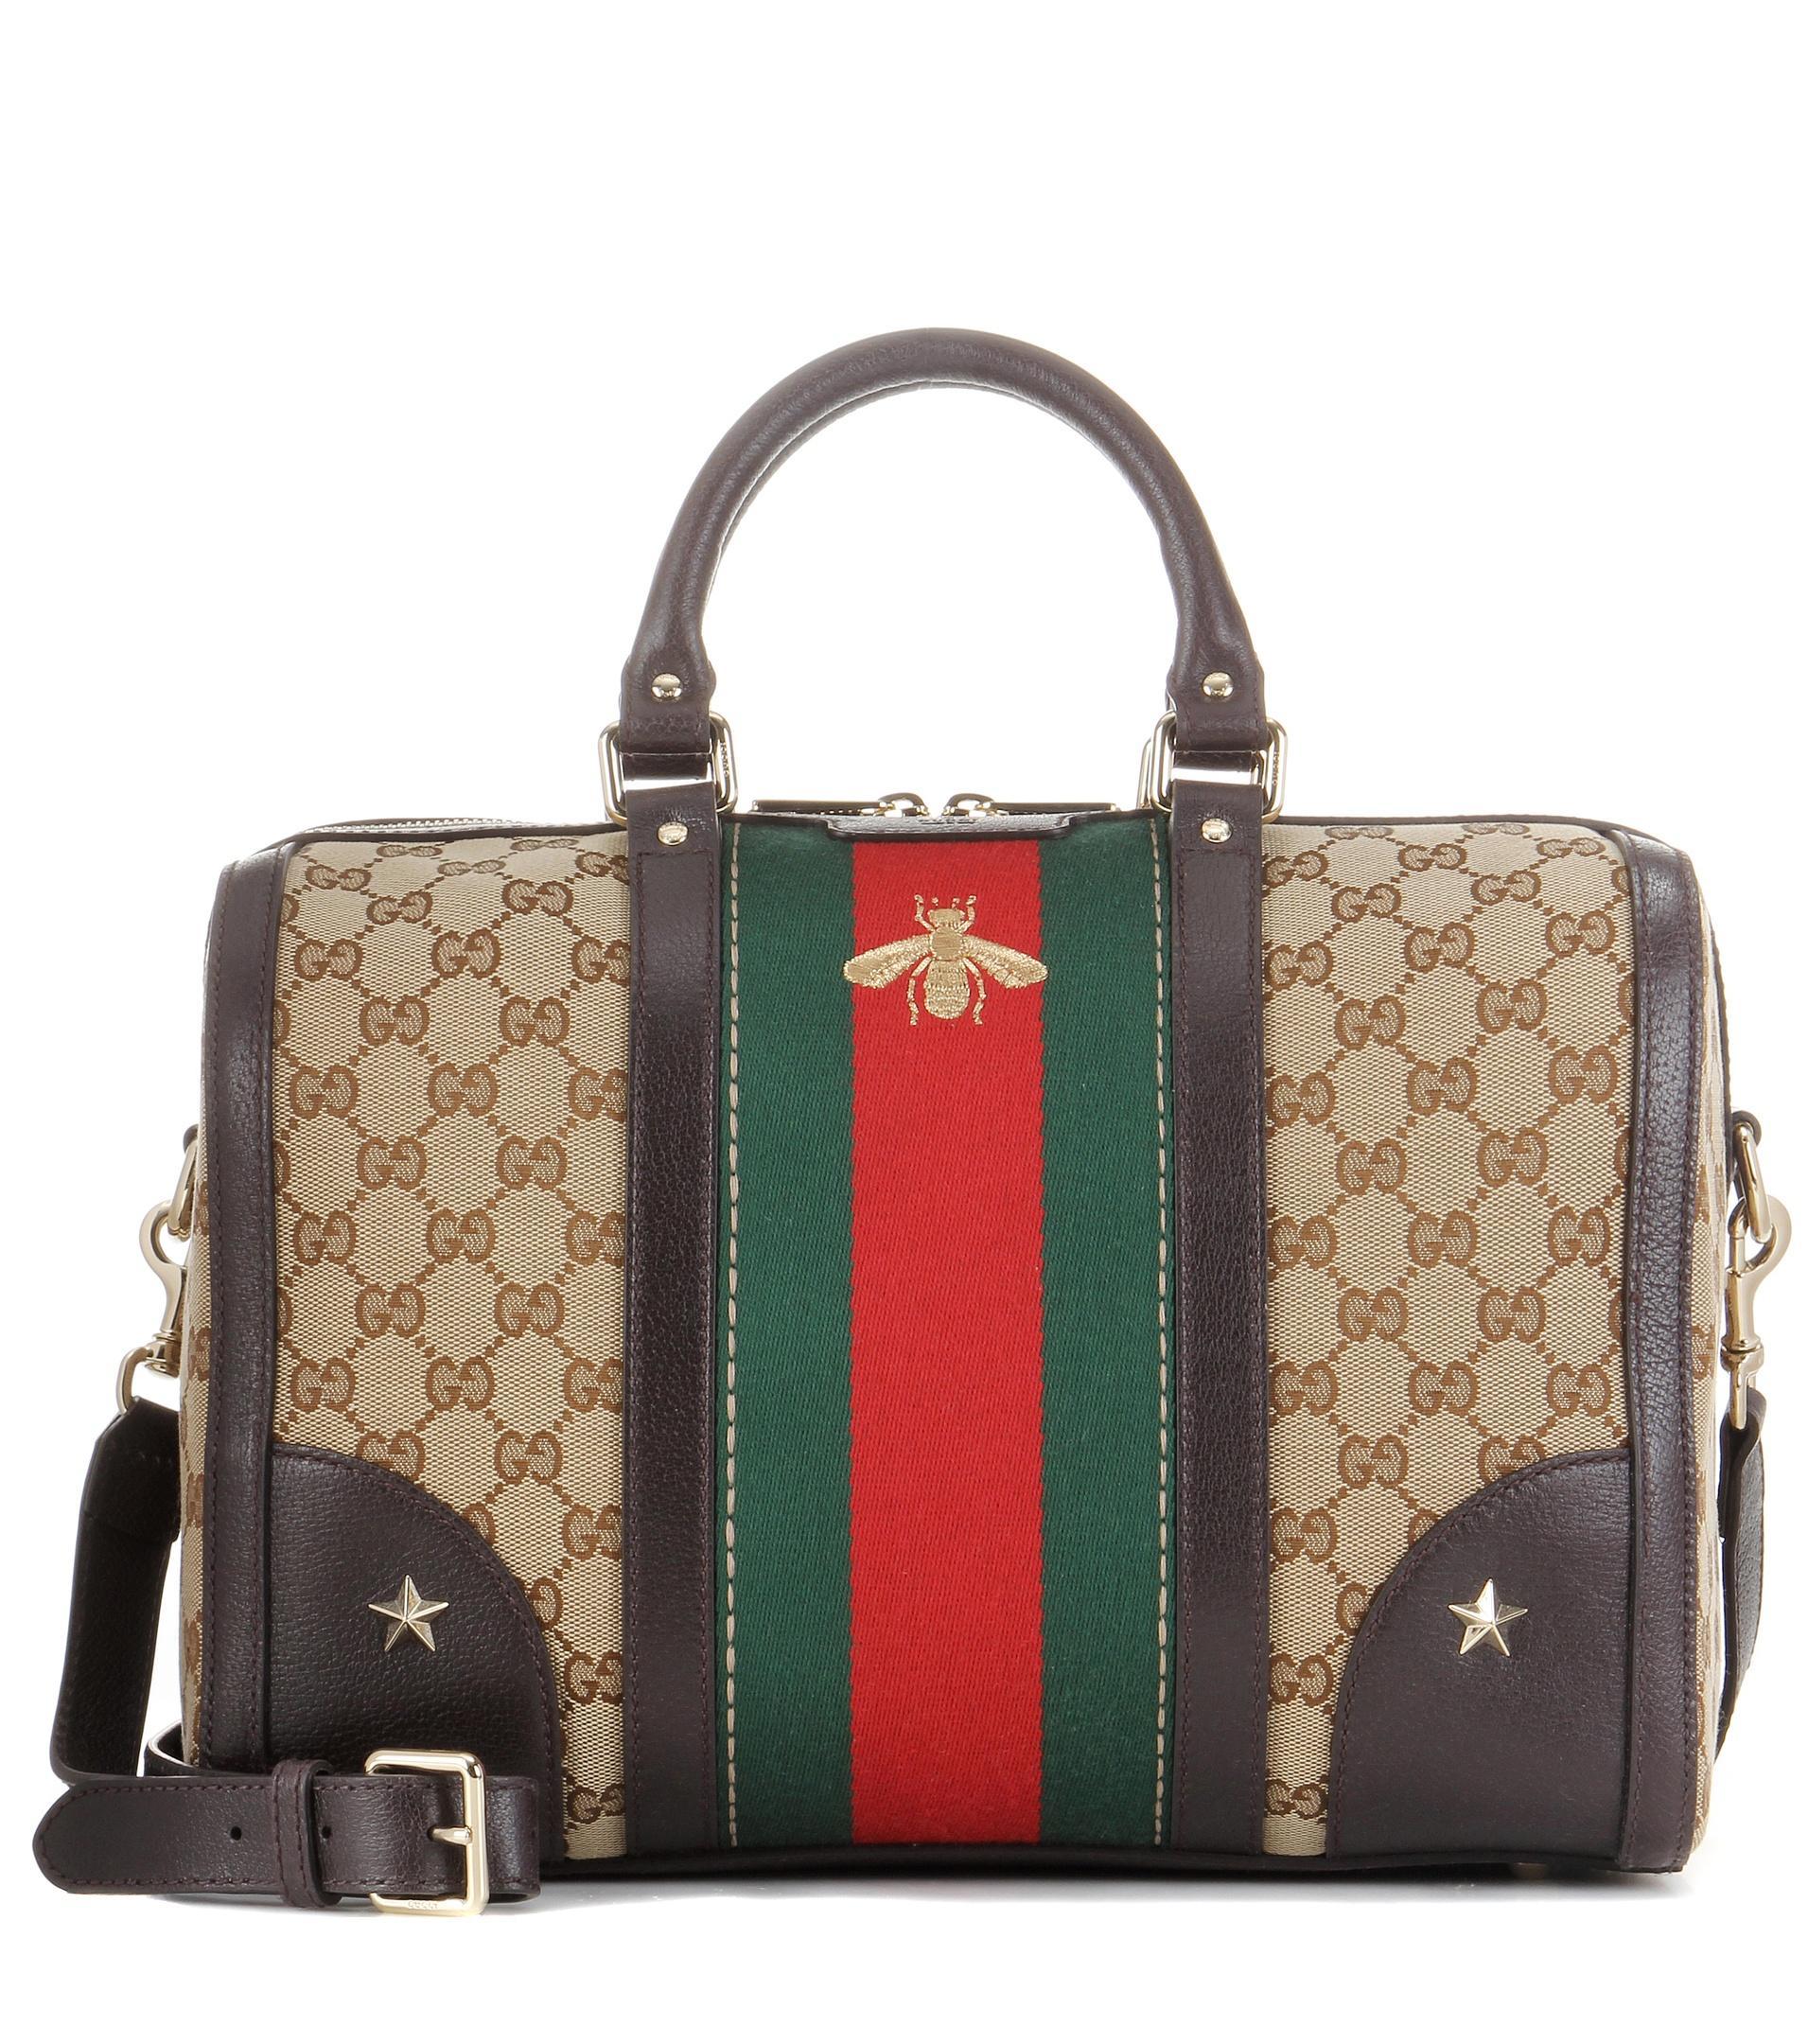 Gucci Vintage Web Medium Coated Canvas Shoulder Bag In Red